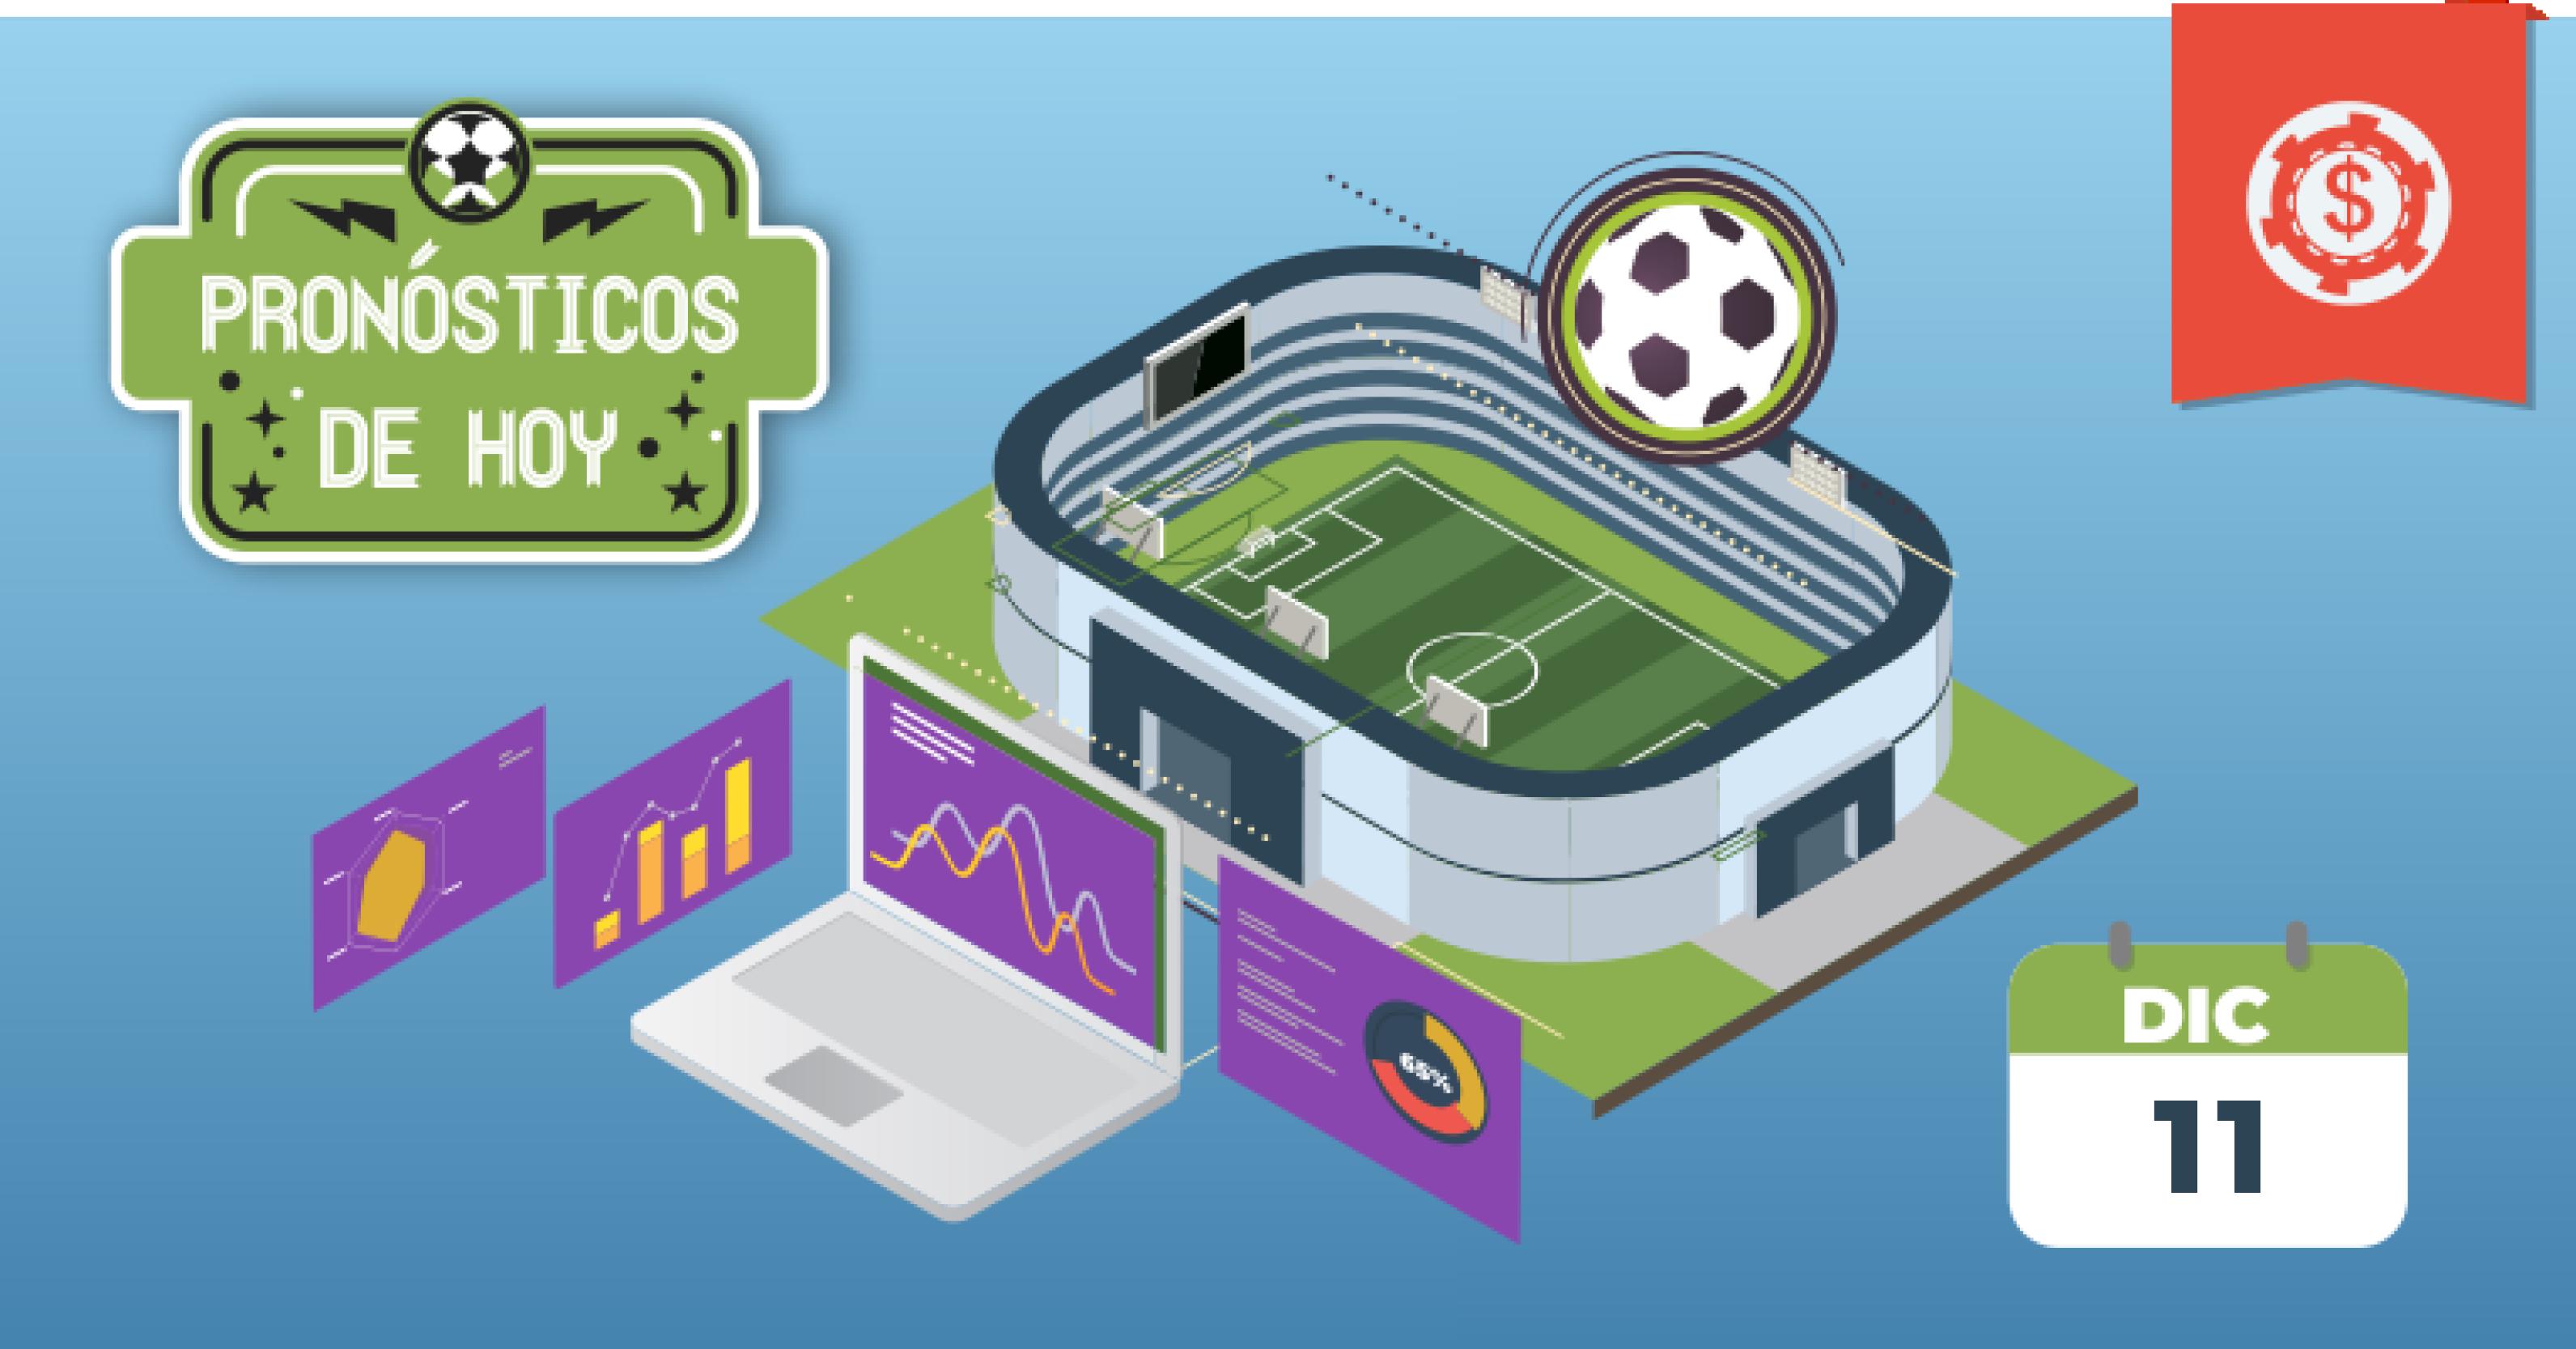 pronosticos-futbol-hoy-predicciones-11-diciembre-2019